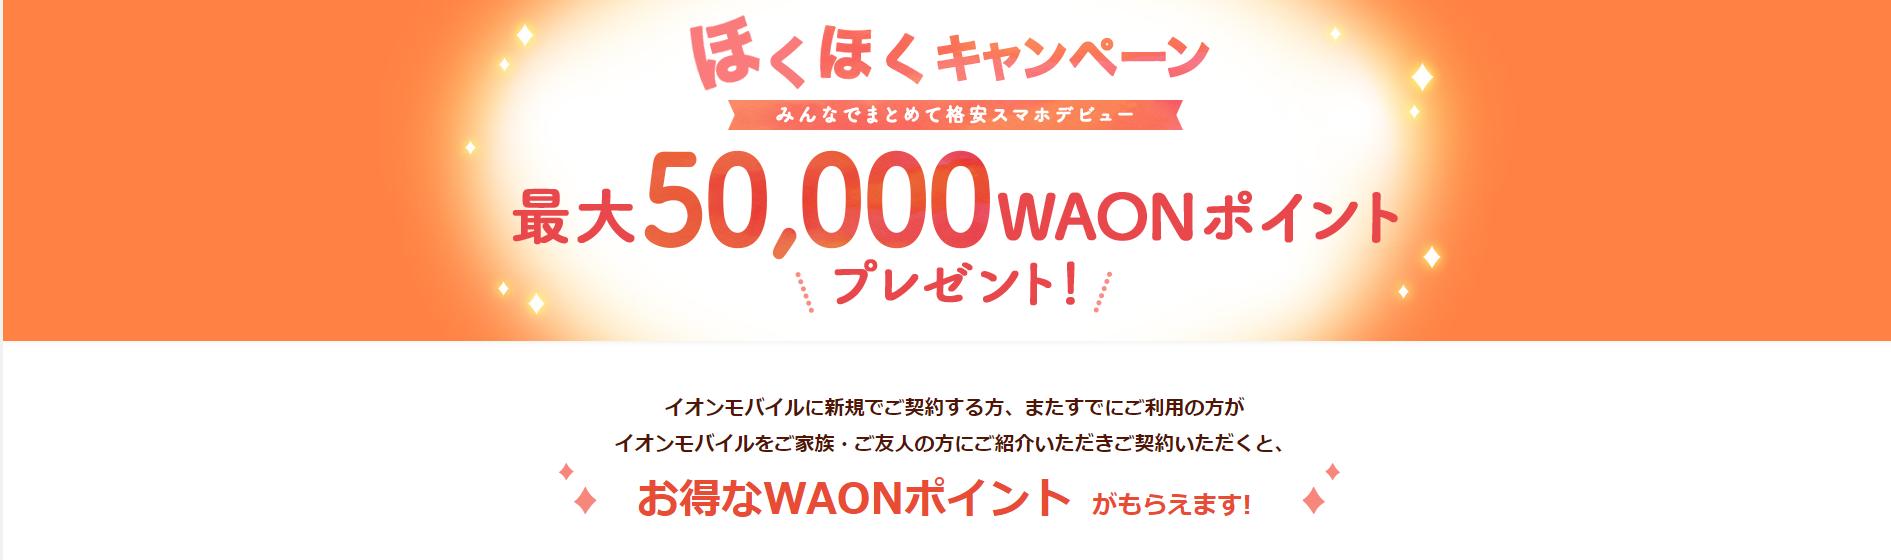 イオンモバイル_ほくほくキャンペーン